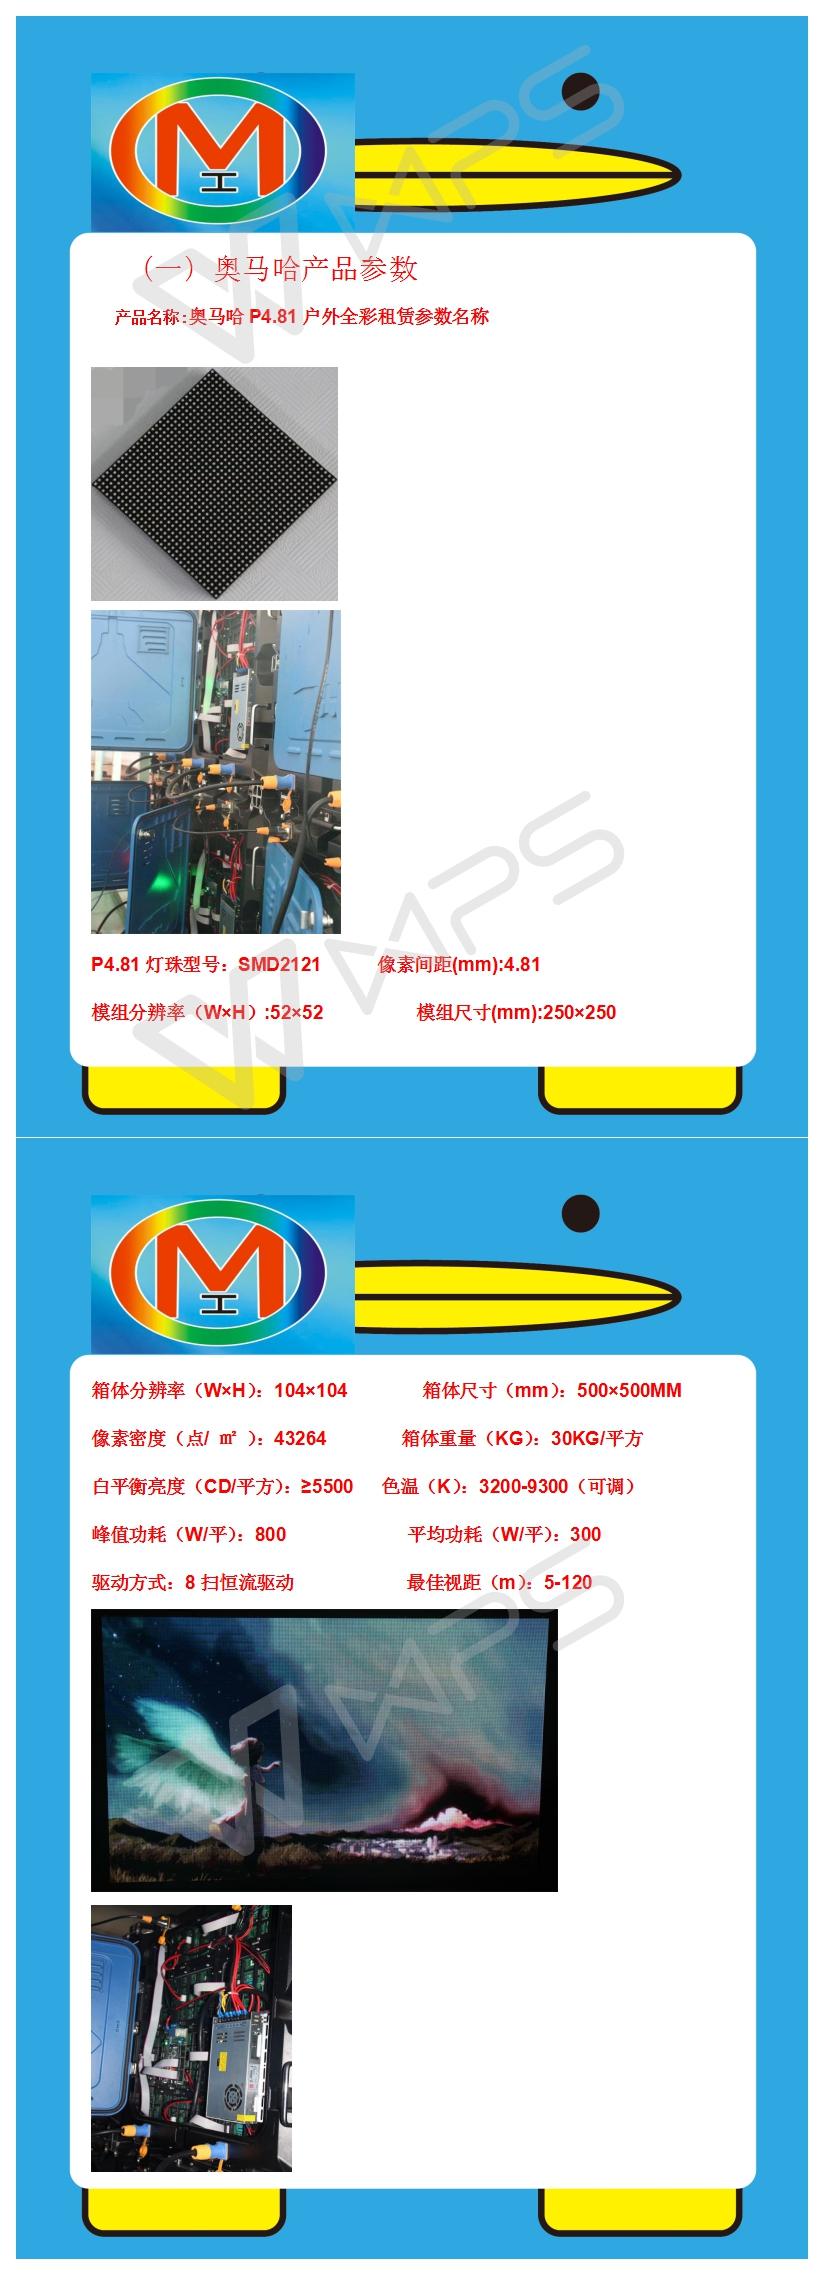 重庆市星顺汽车奔驰4S店LED舞台屏专用P4.81租赁箱体(奥马哈)